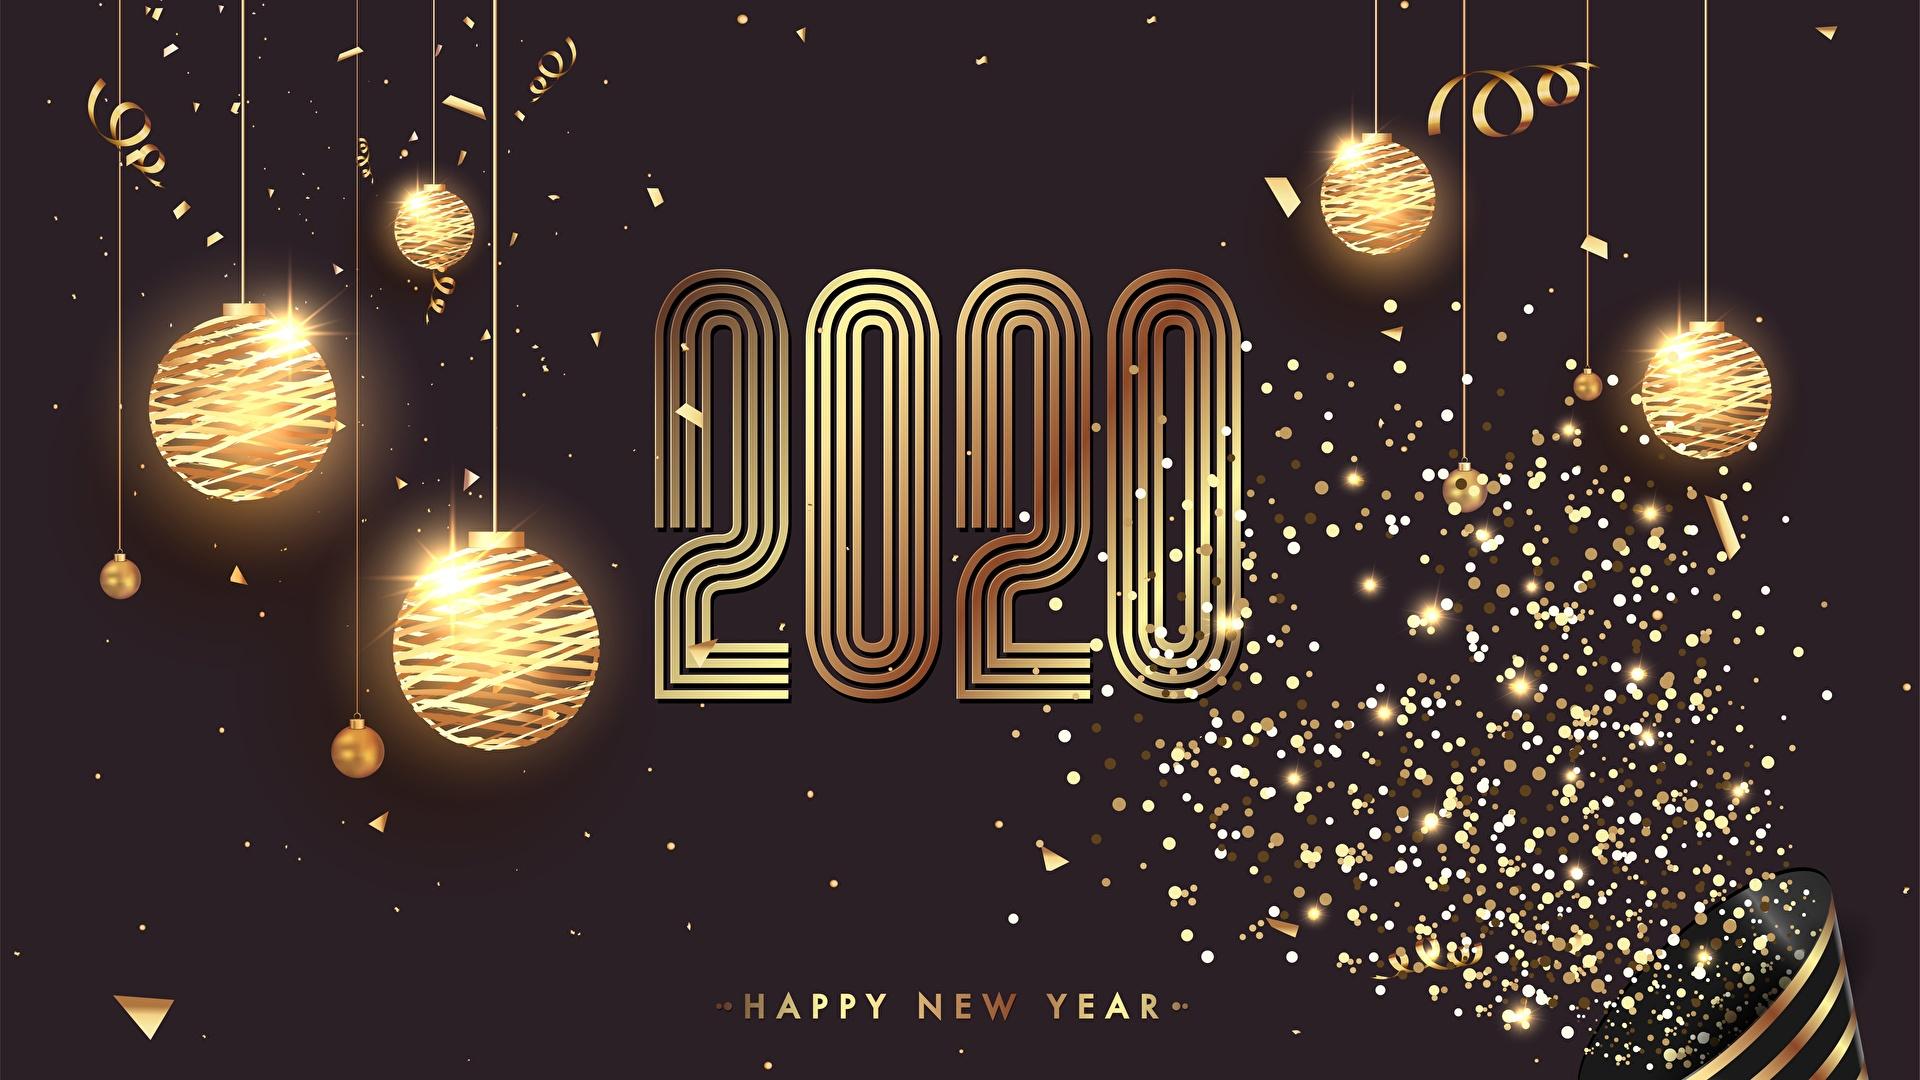 Image 2020 Christmas Balls 1920x1080